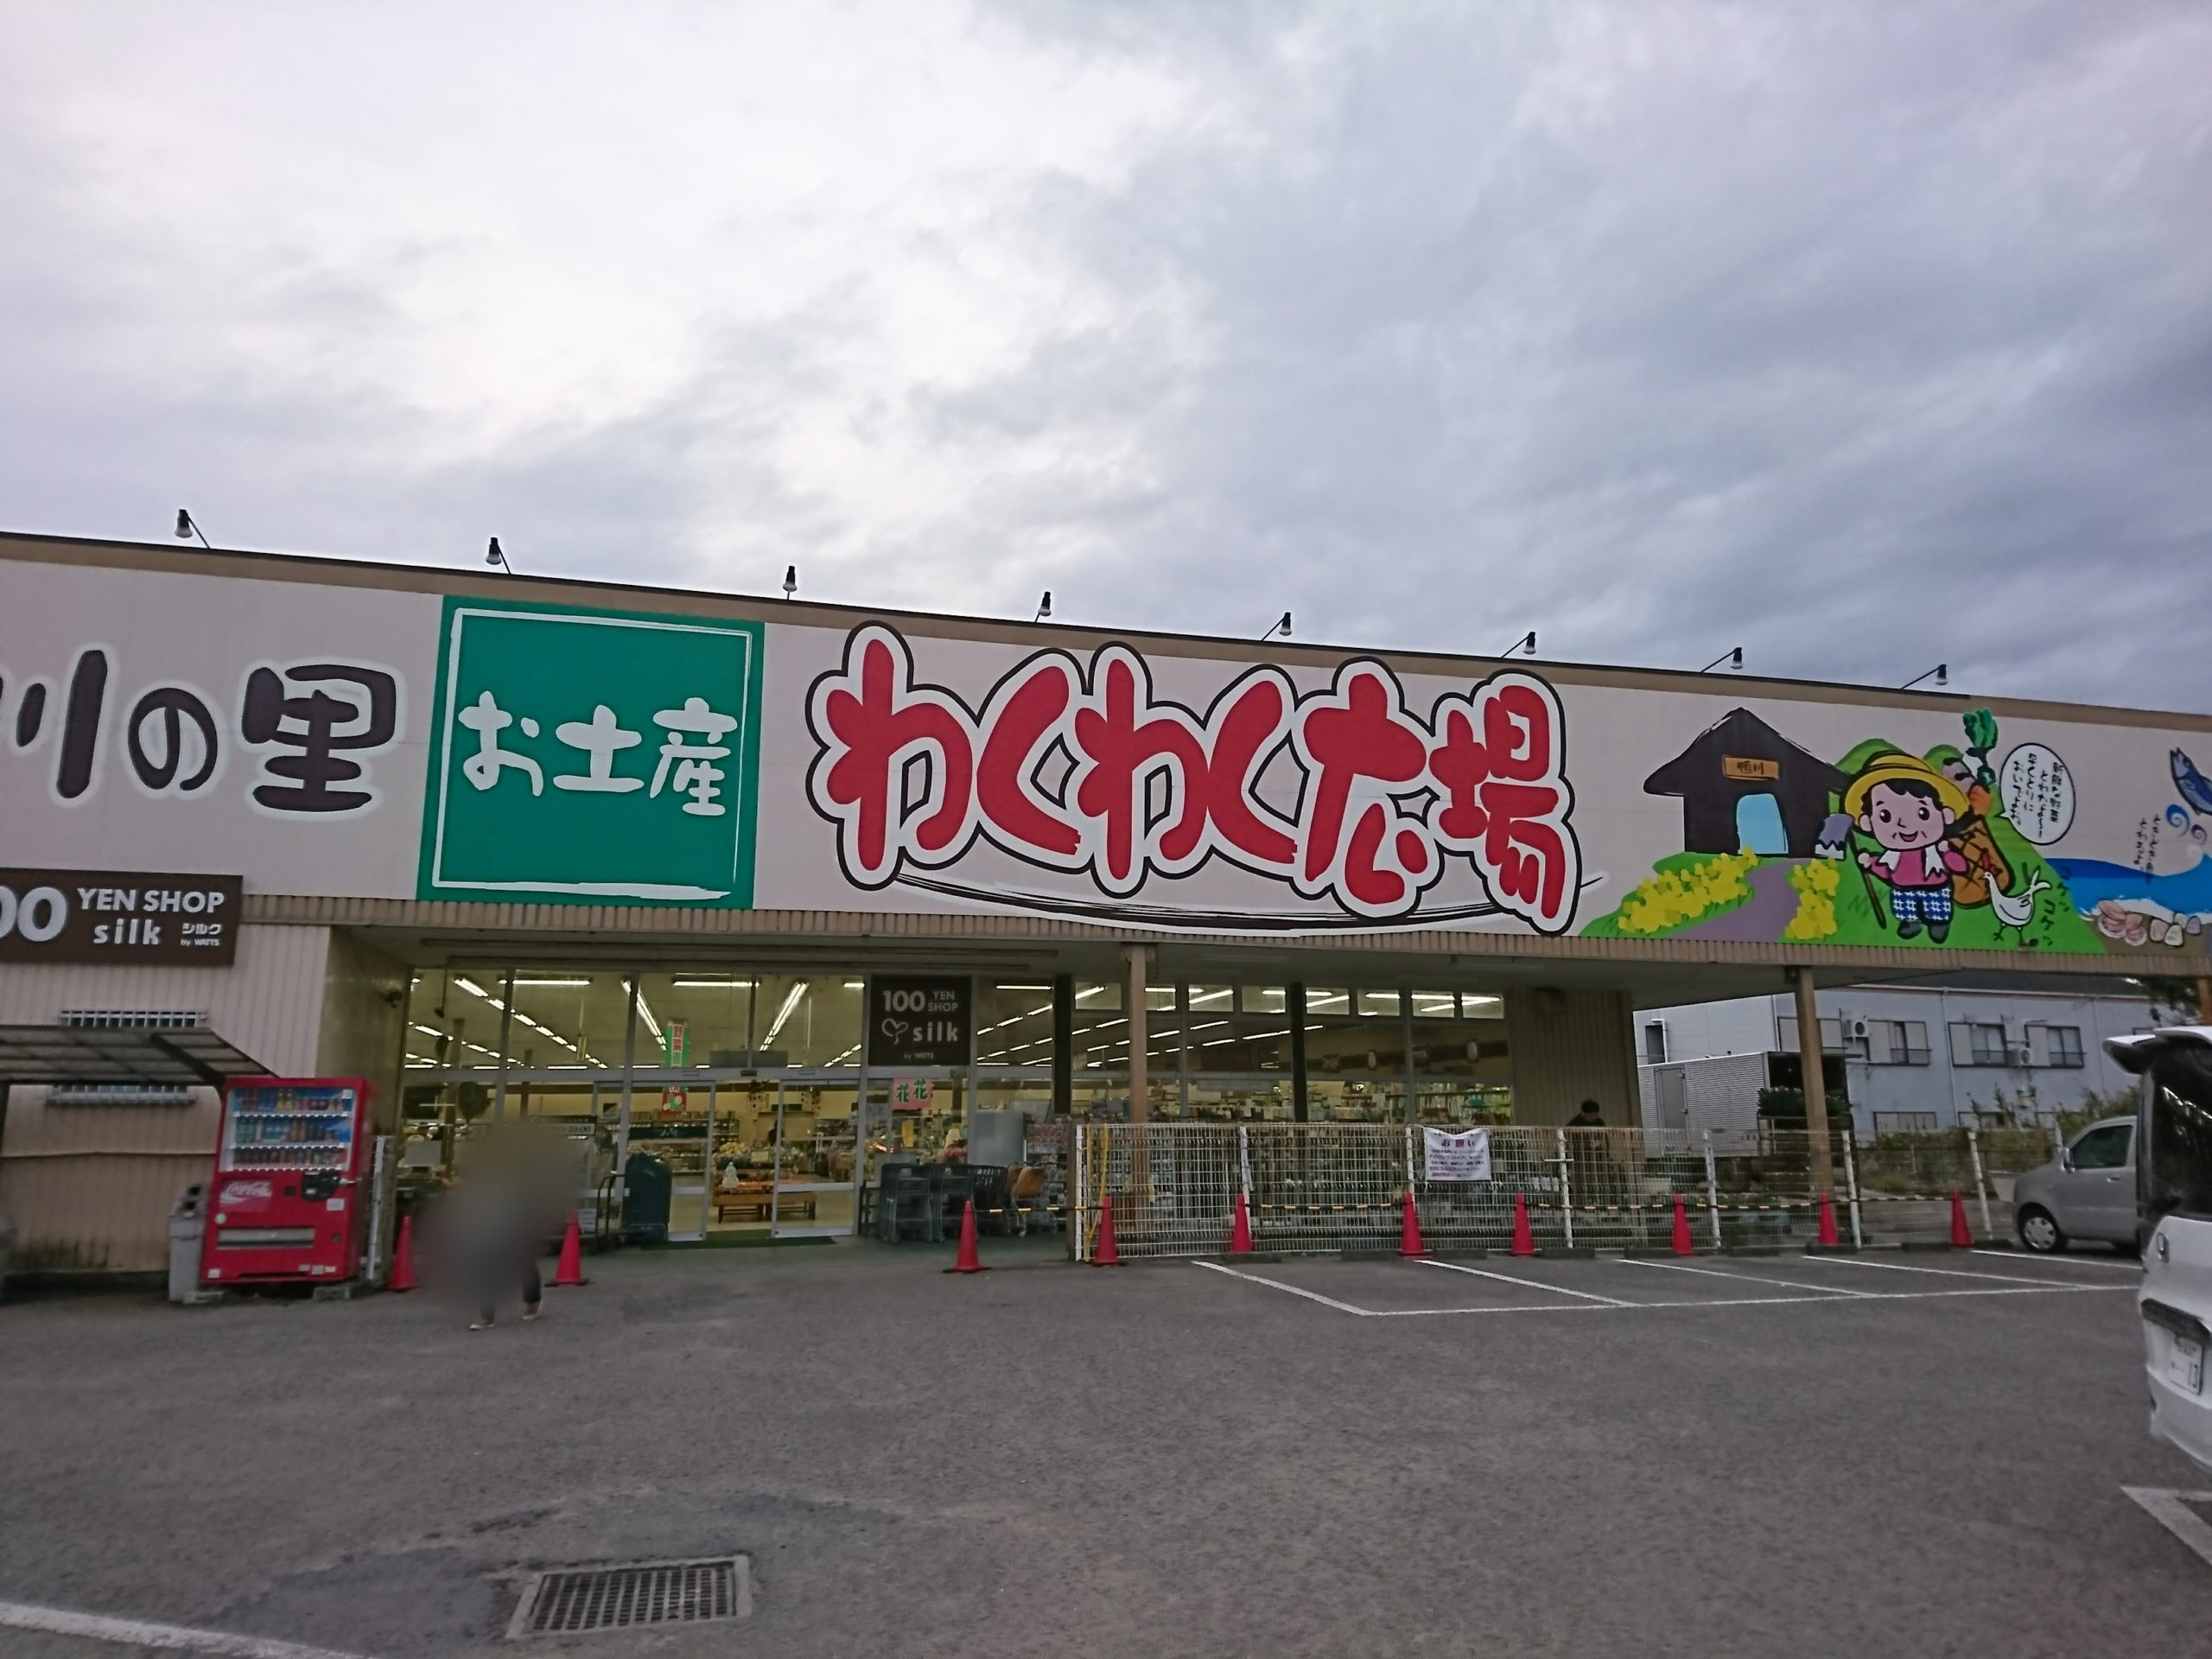 ポイントバケーション鴨川から徒歩10分で来れるスーパーのわくわく広場